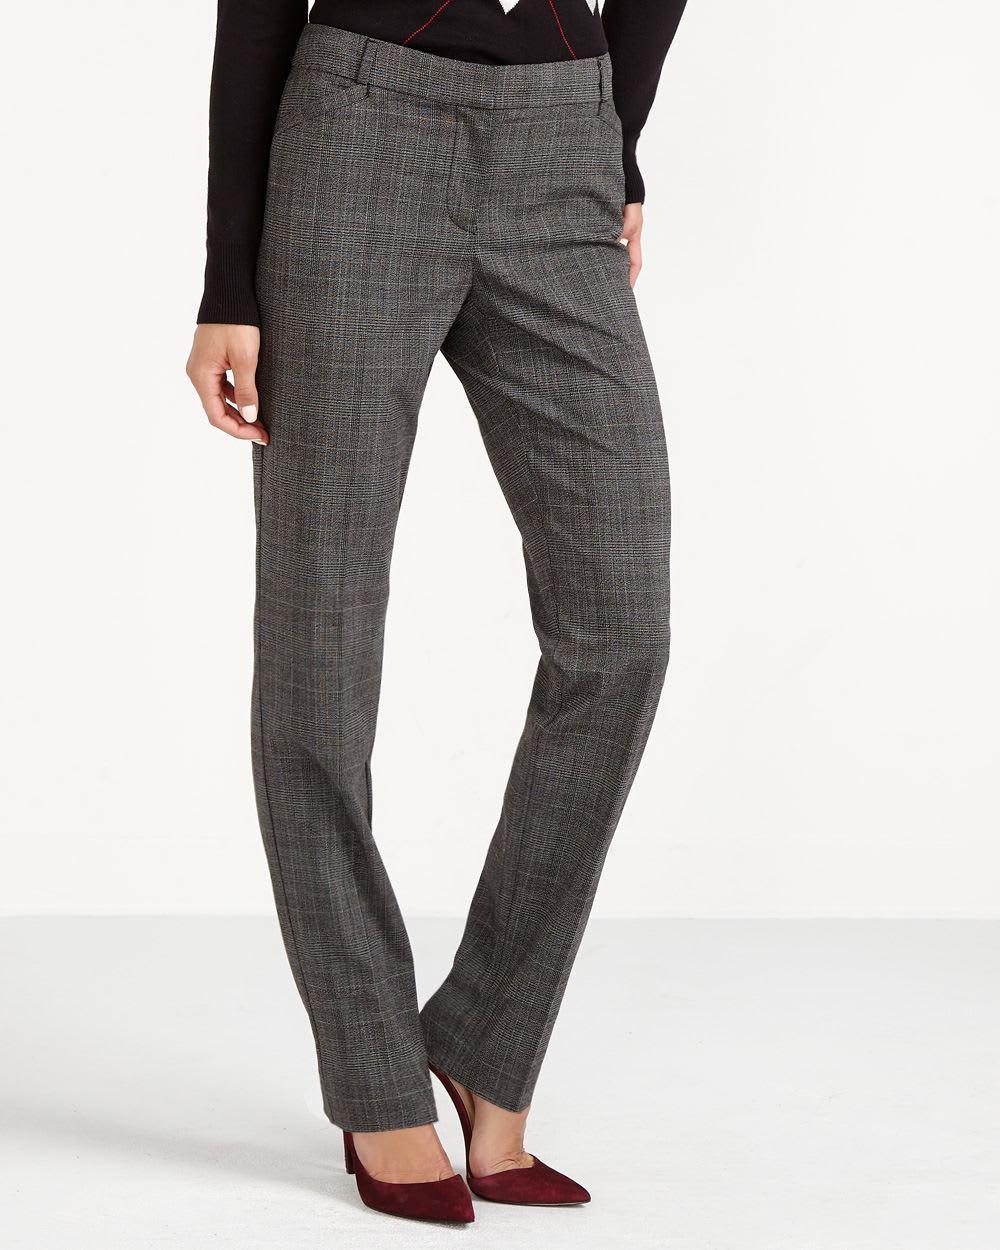 The New Classic Plaid Pants